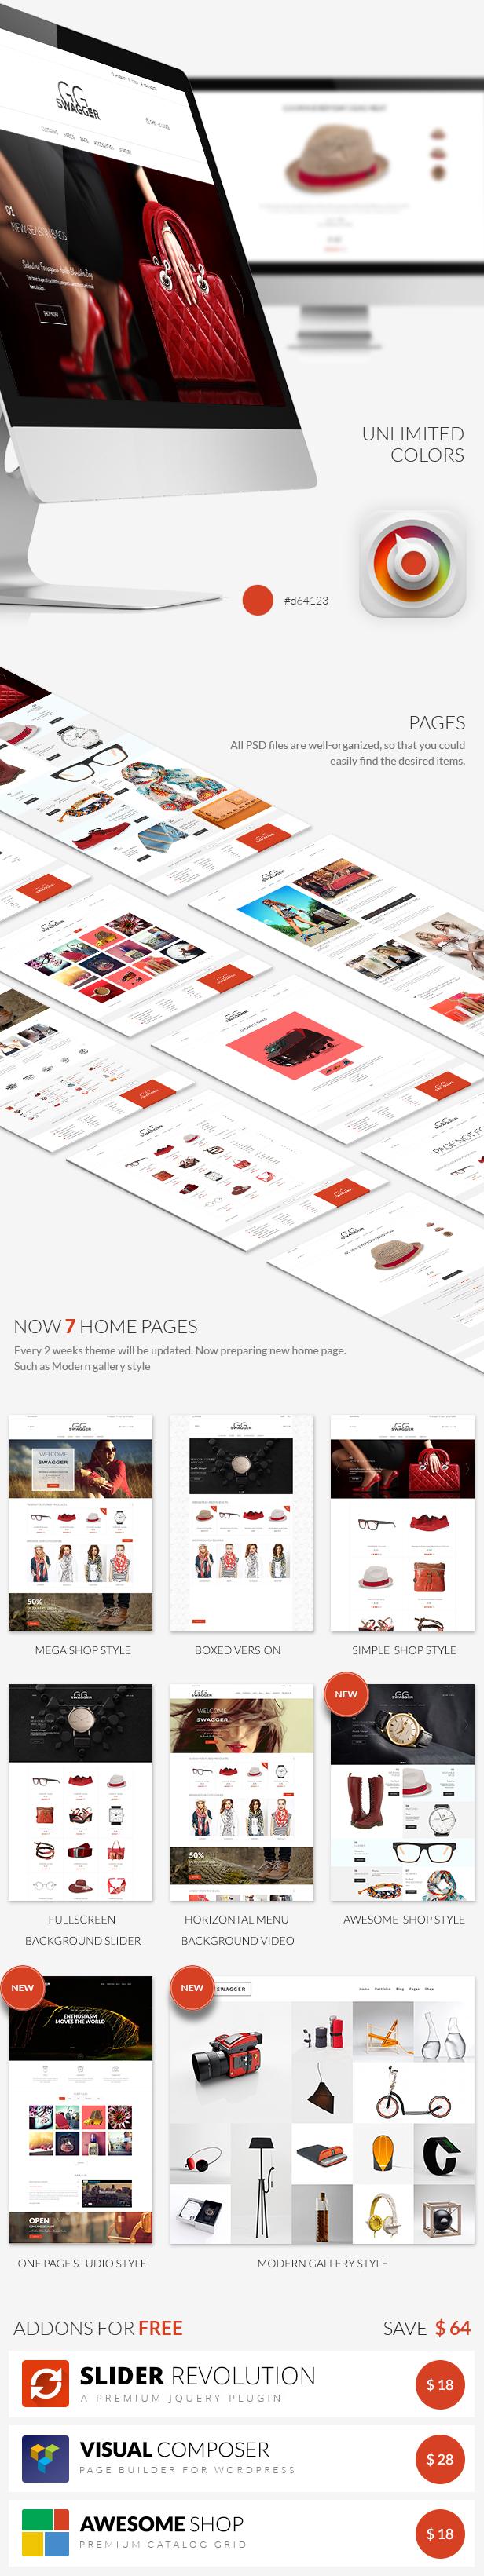 SWAGGER - Einzigartiges Mehrzweck-WordPress-Template